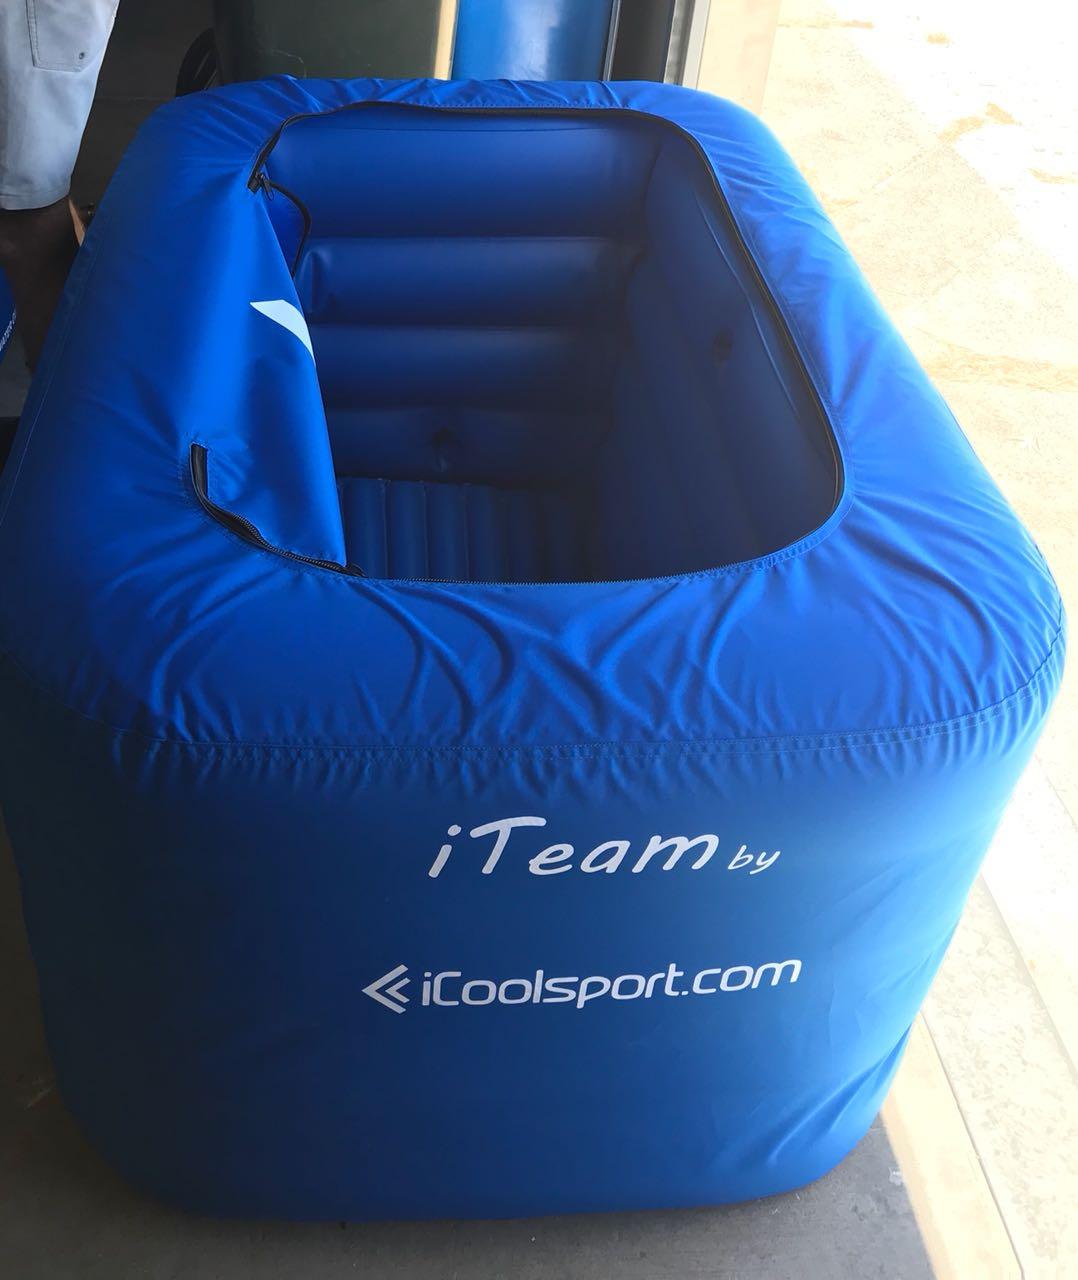 iTeam opblaasbaar ijsbad voor 4 personen hele lichaam